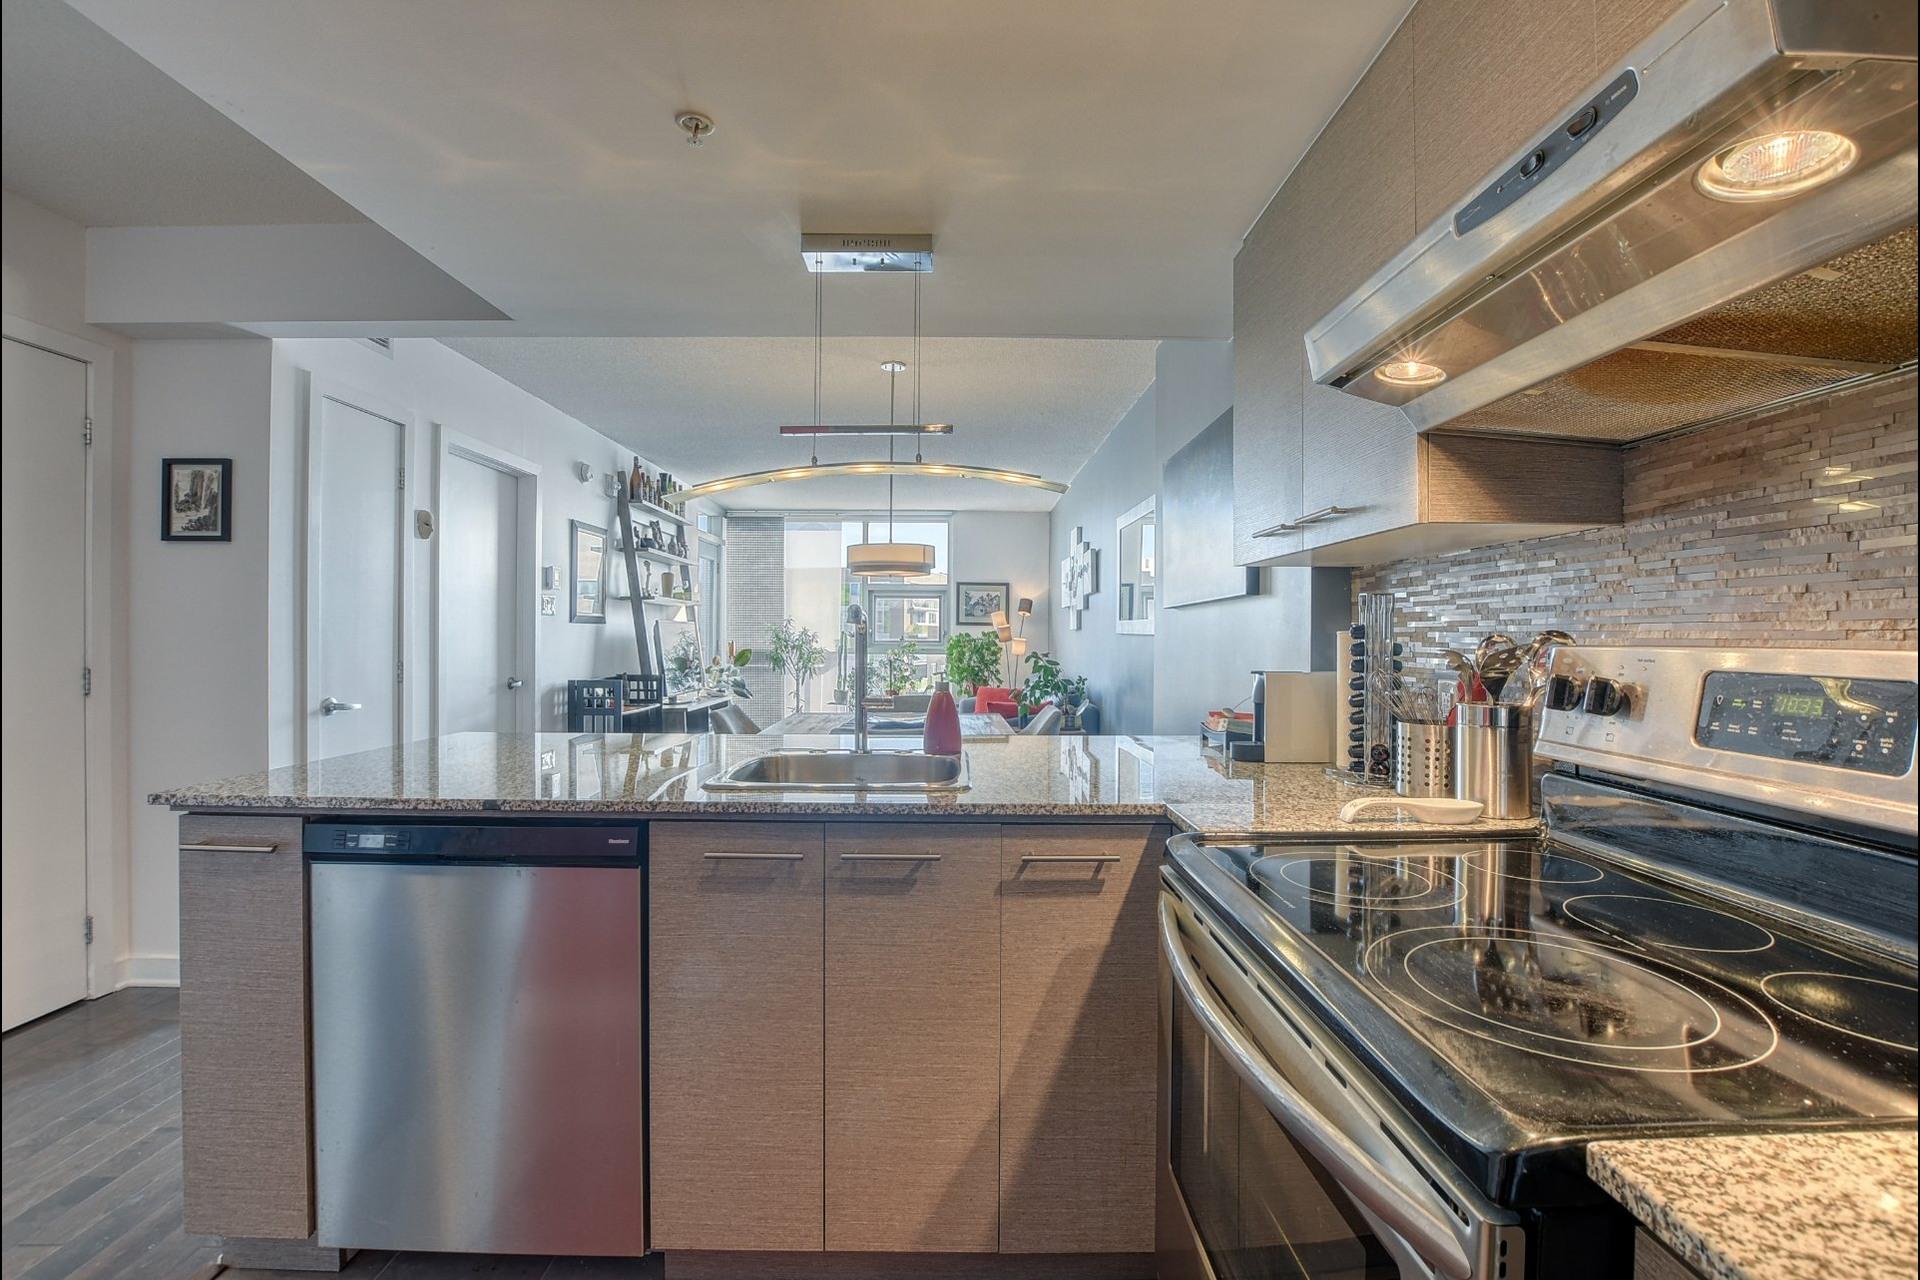 image 7 - Appartement À vendre Ahuntsic-Cartierville Montréal  - 4 pièces